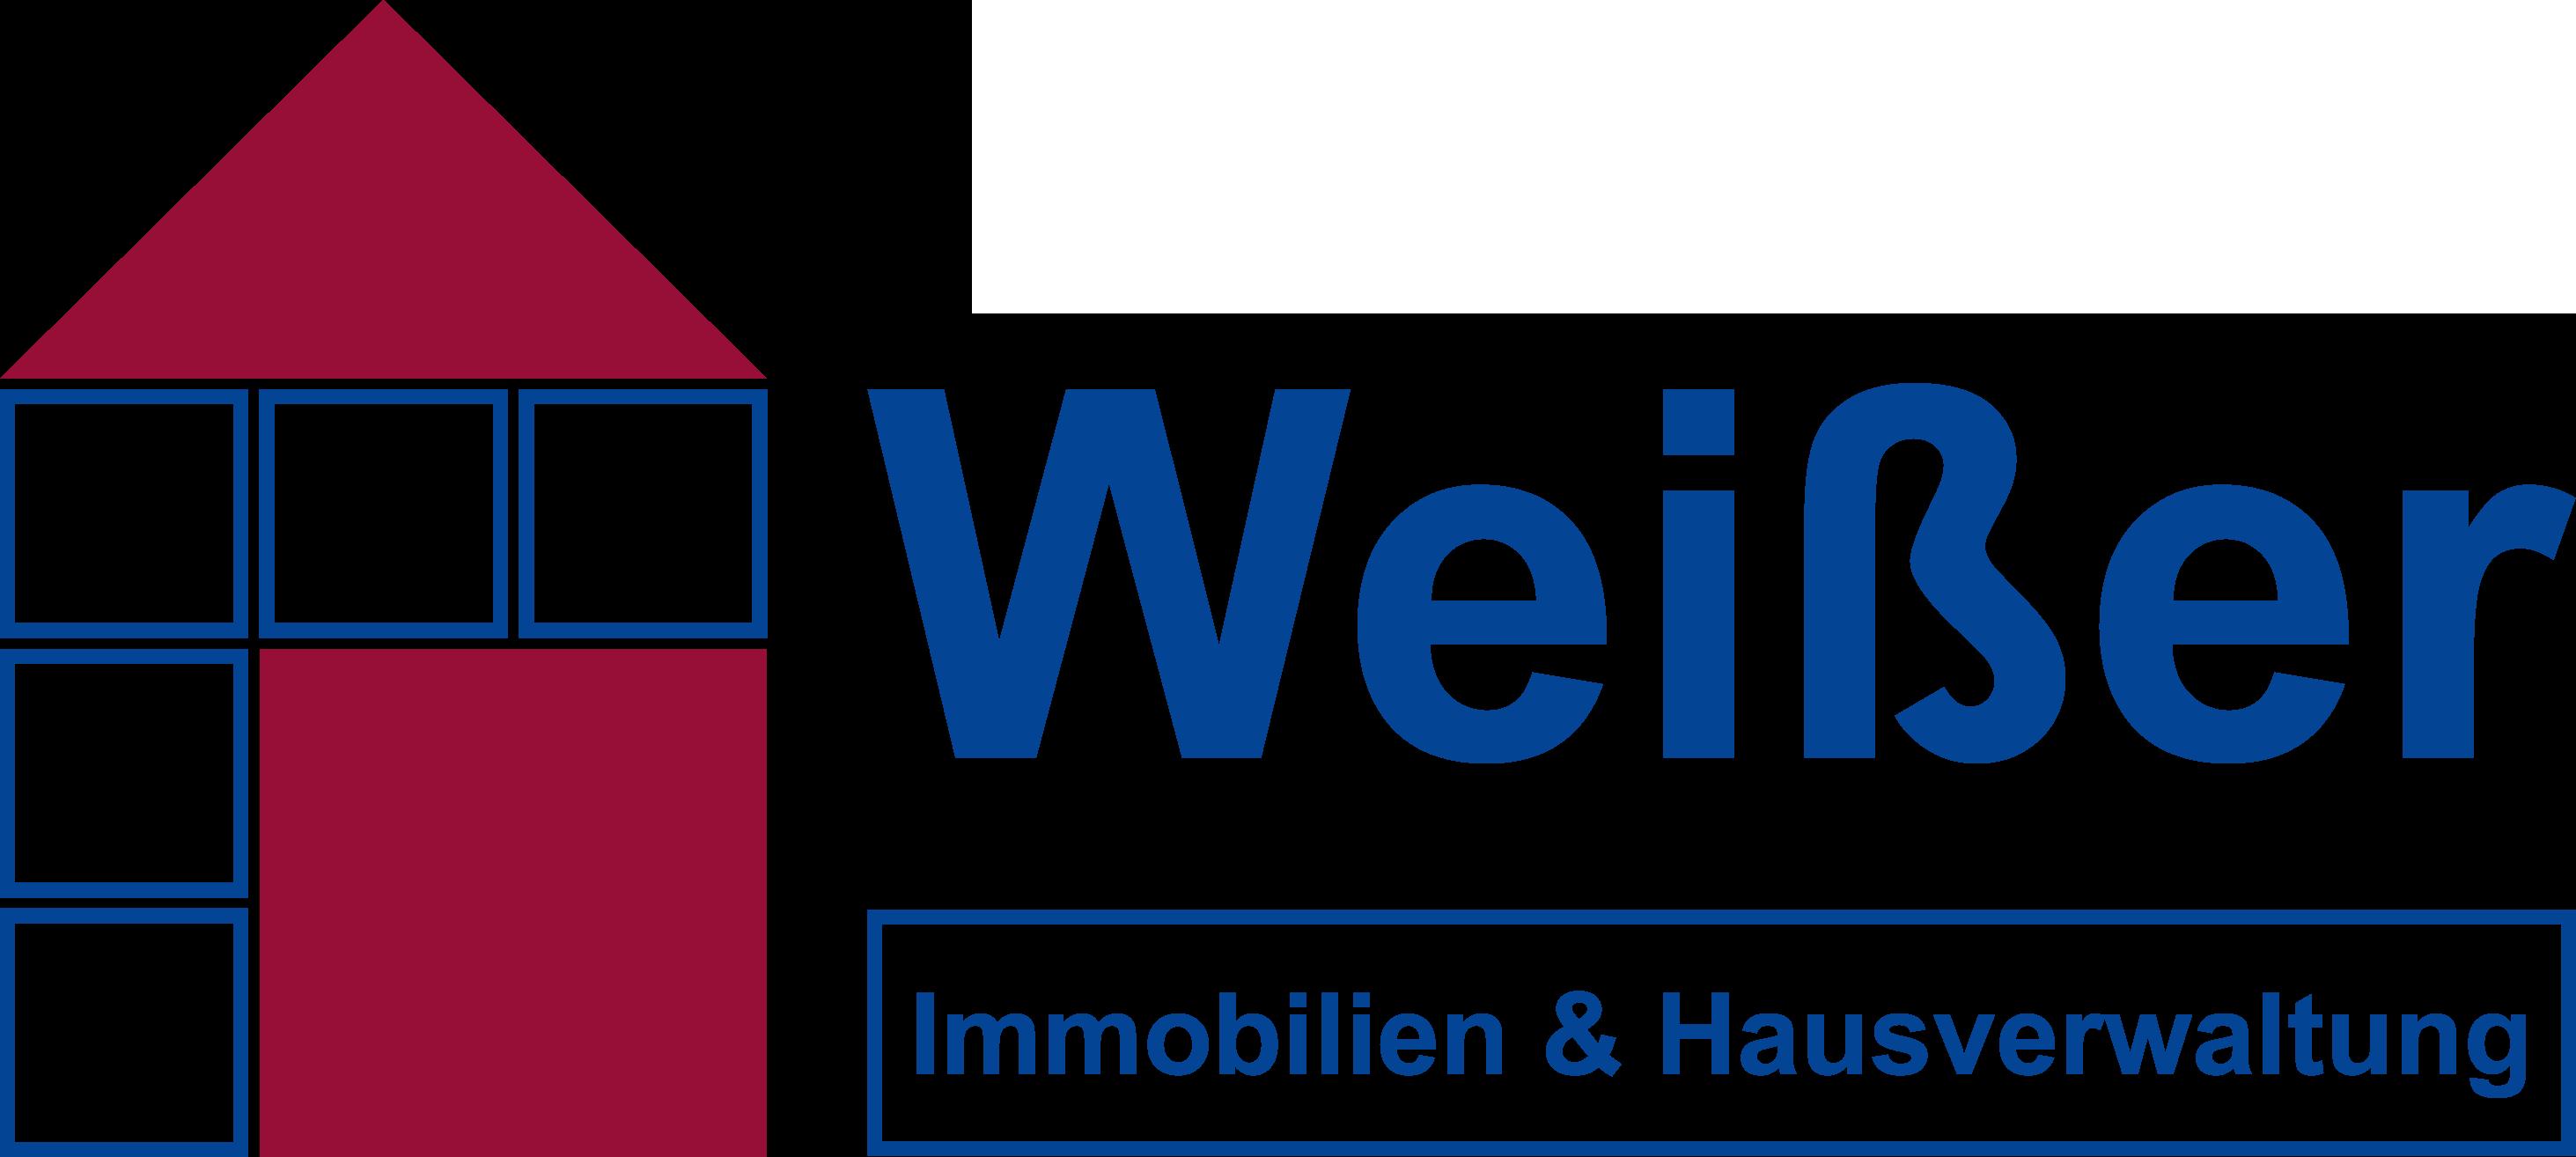 Hausverwaltung Weisser Logo Transparent